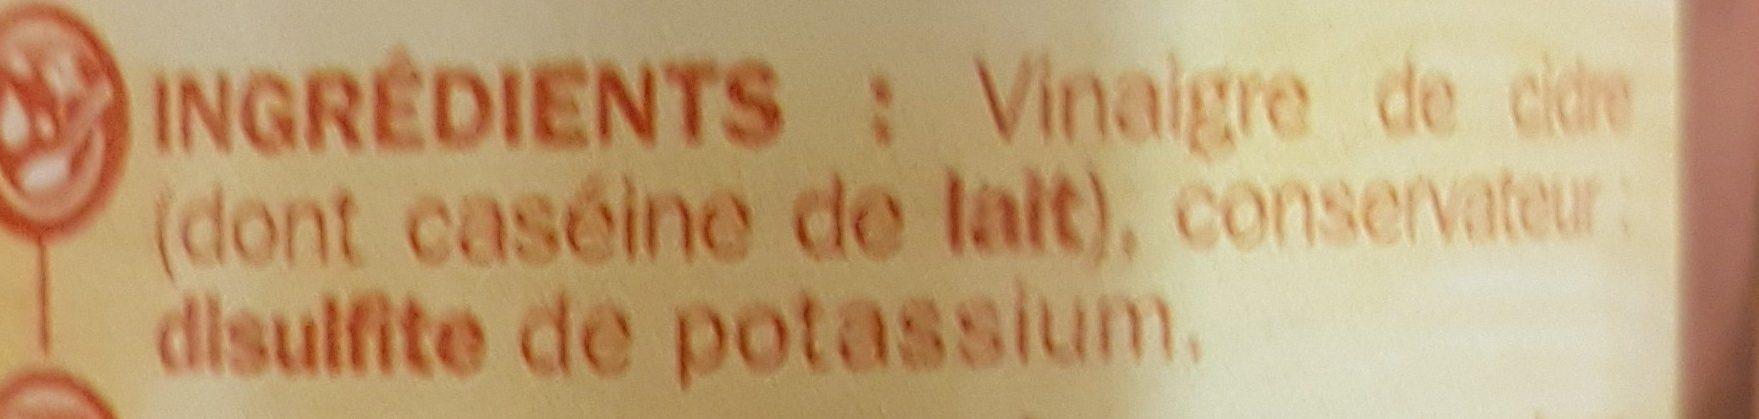 Vinaigre de cidre - Ingrédients